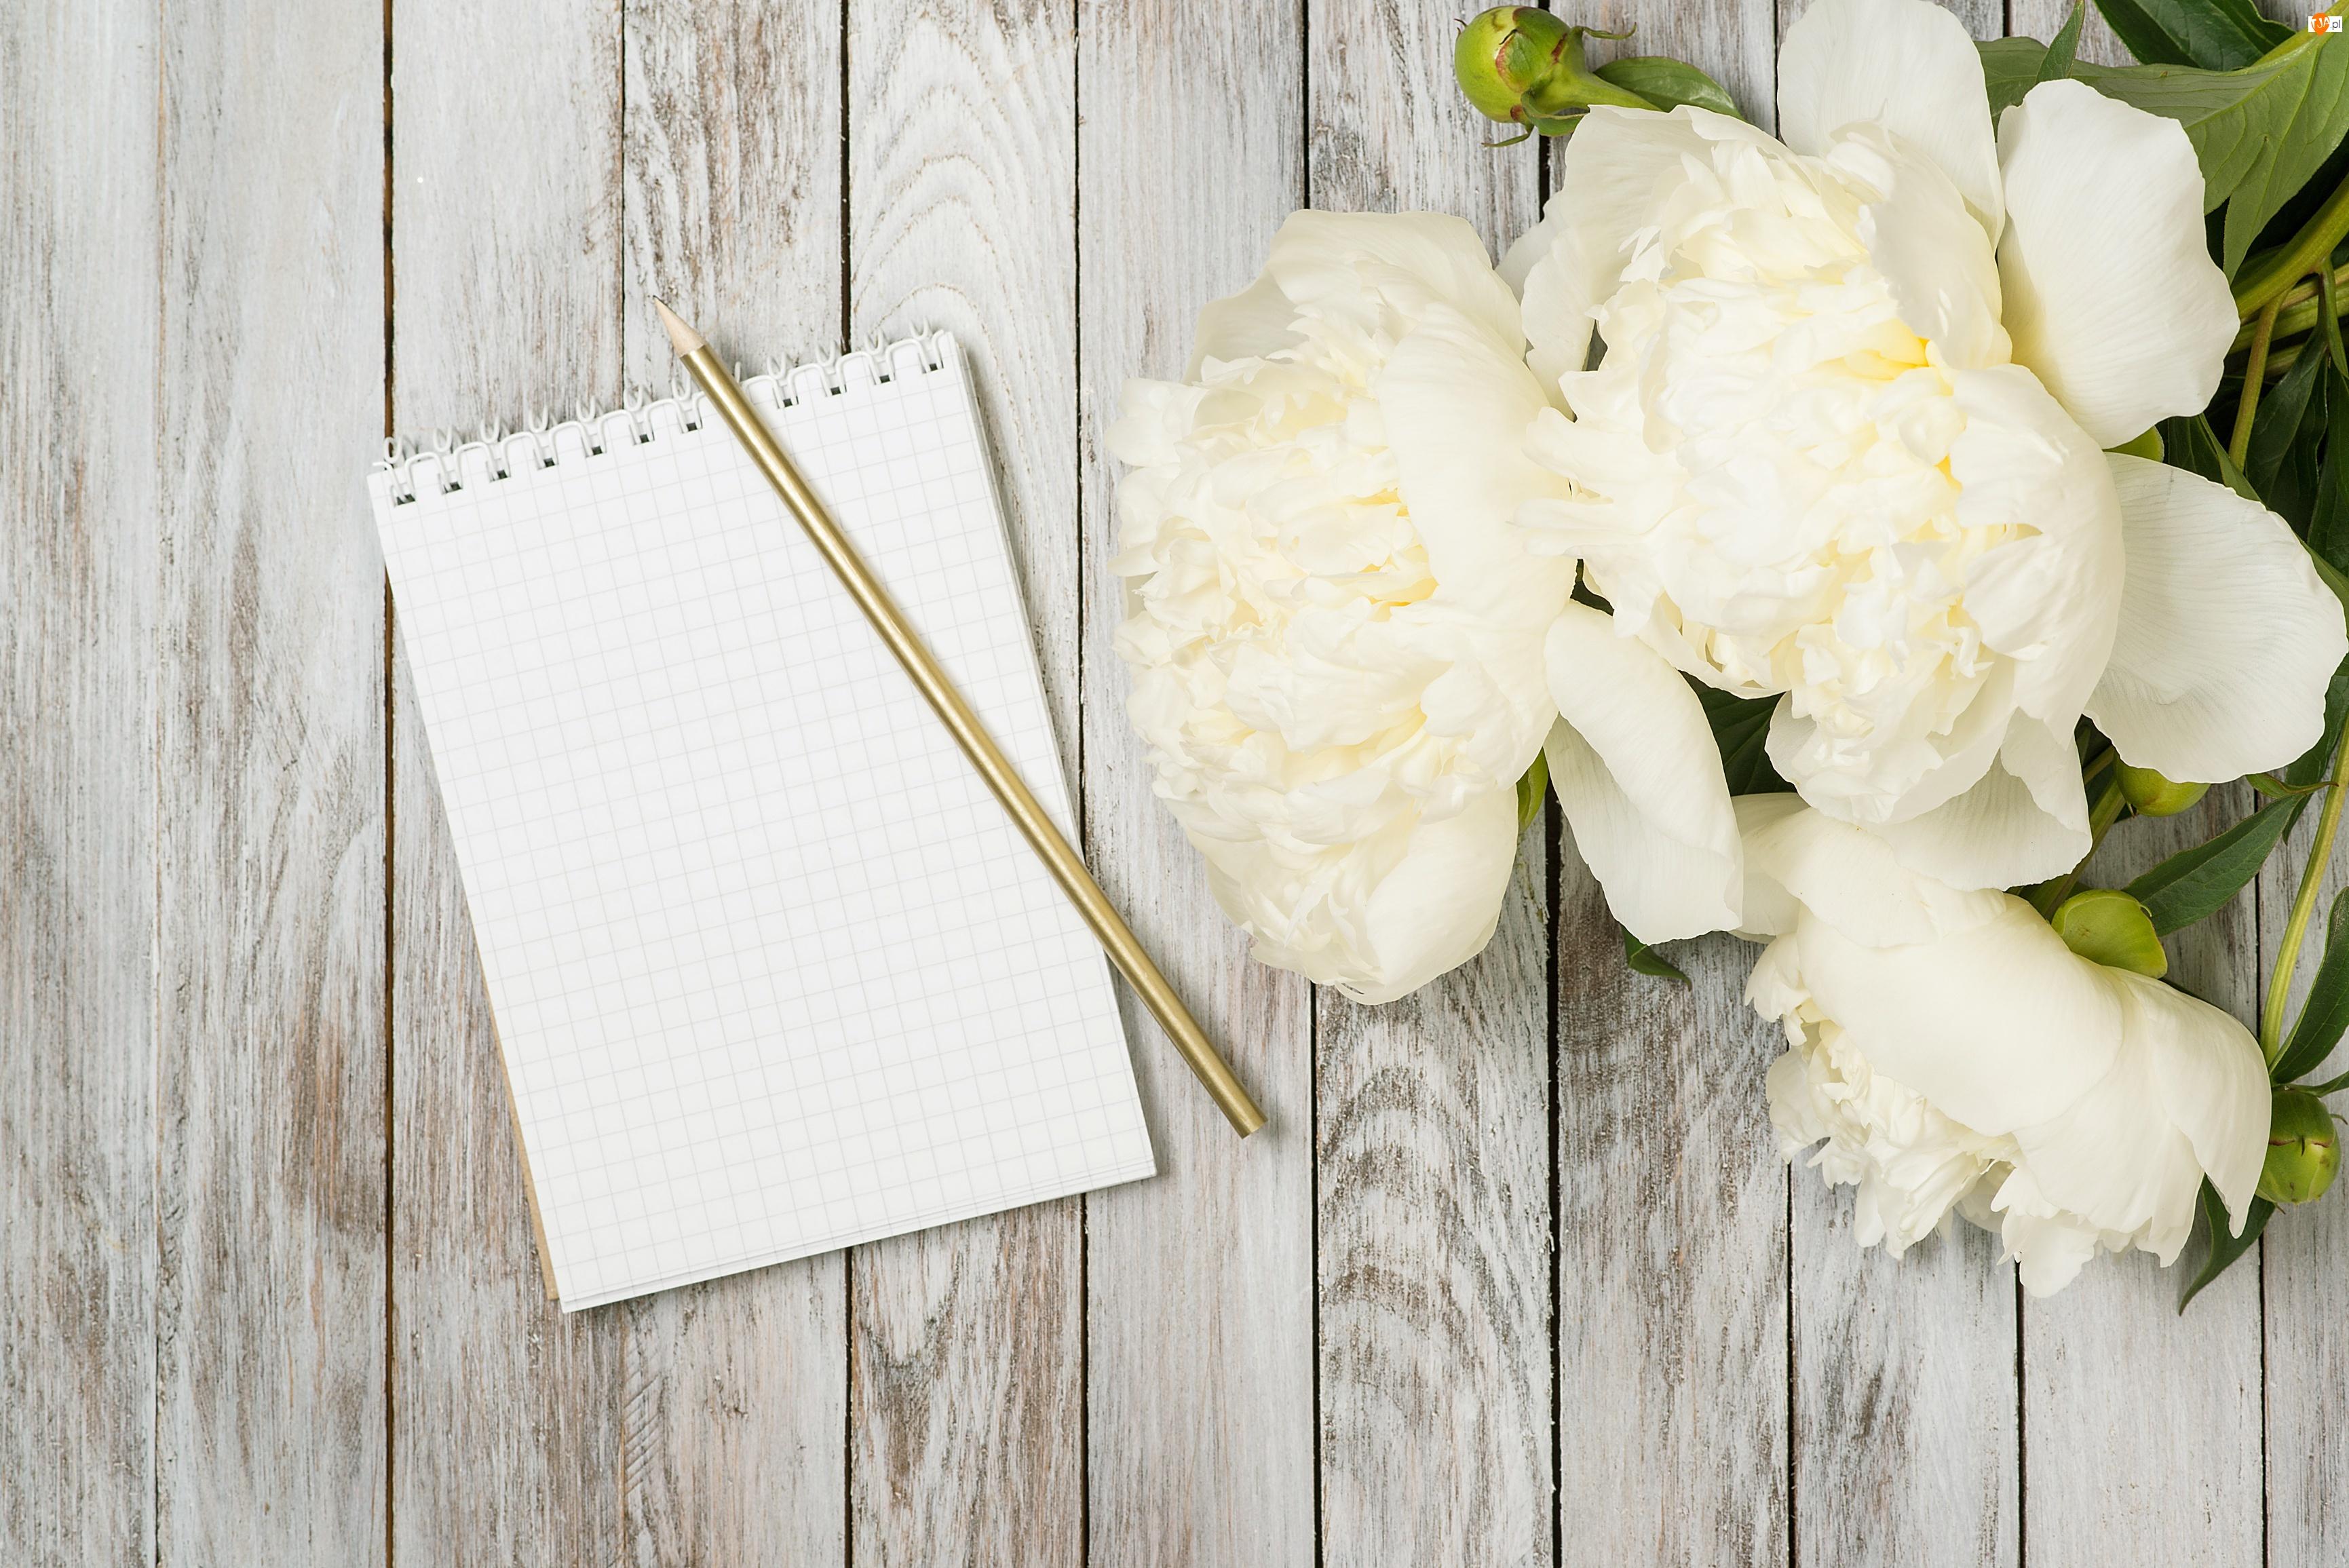 Piwonie, Deski, Notes, Ołówek